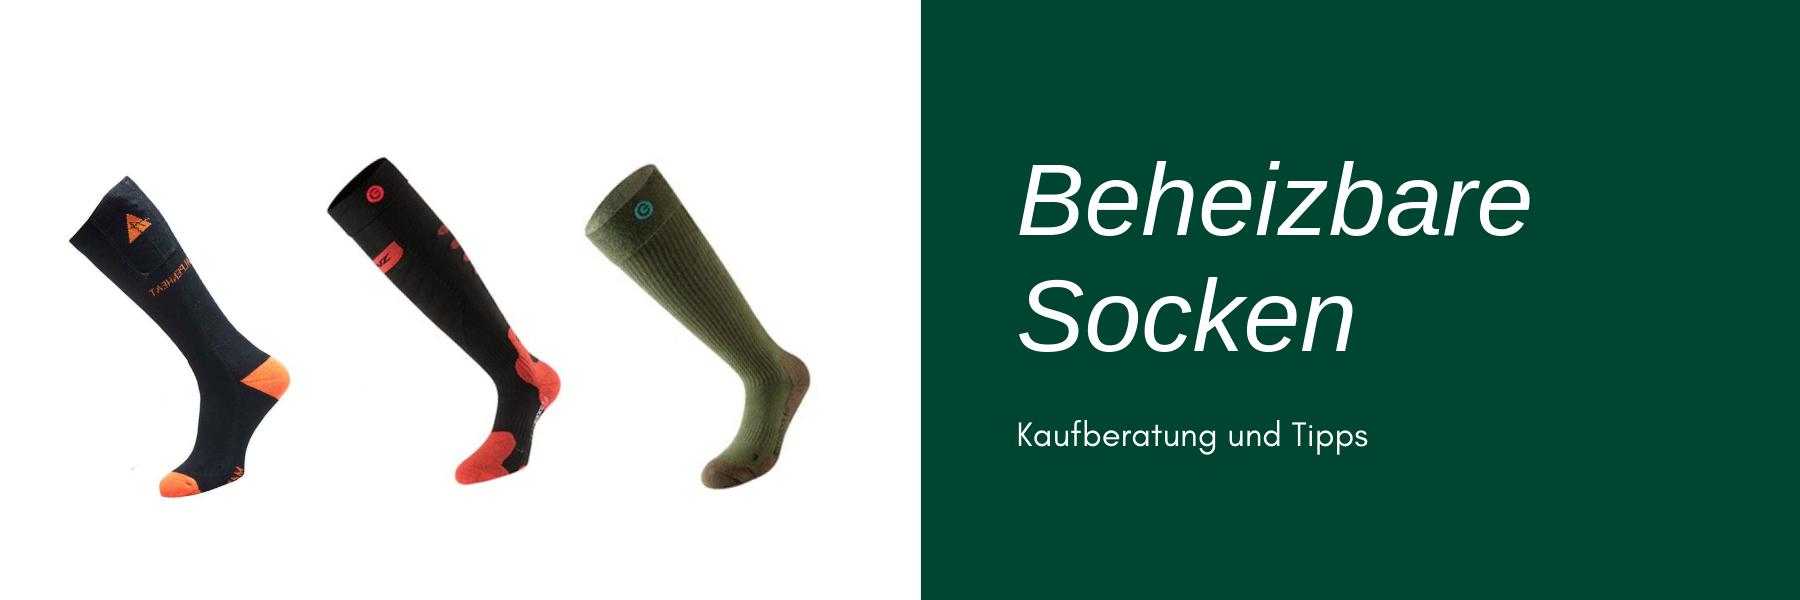 Beheizbare Socken - Kaufberatung und Tipps